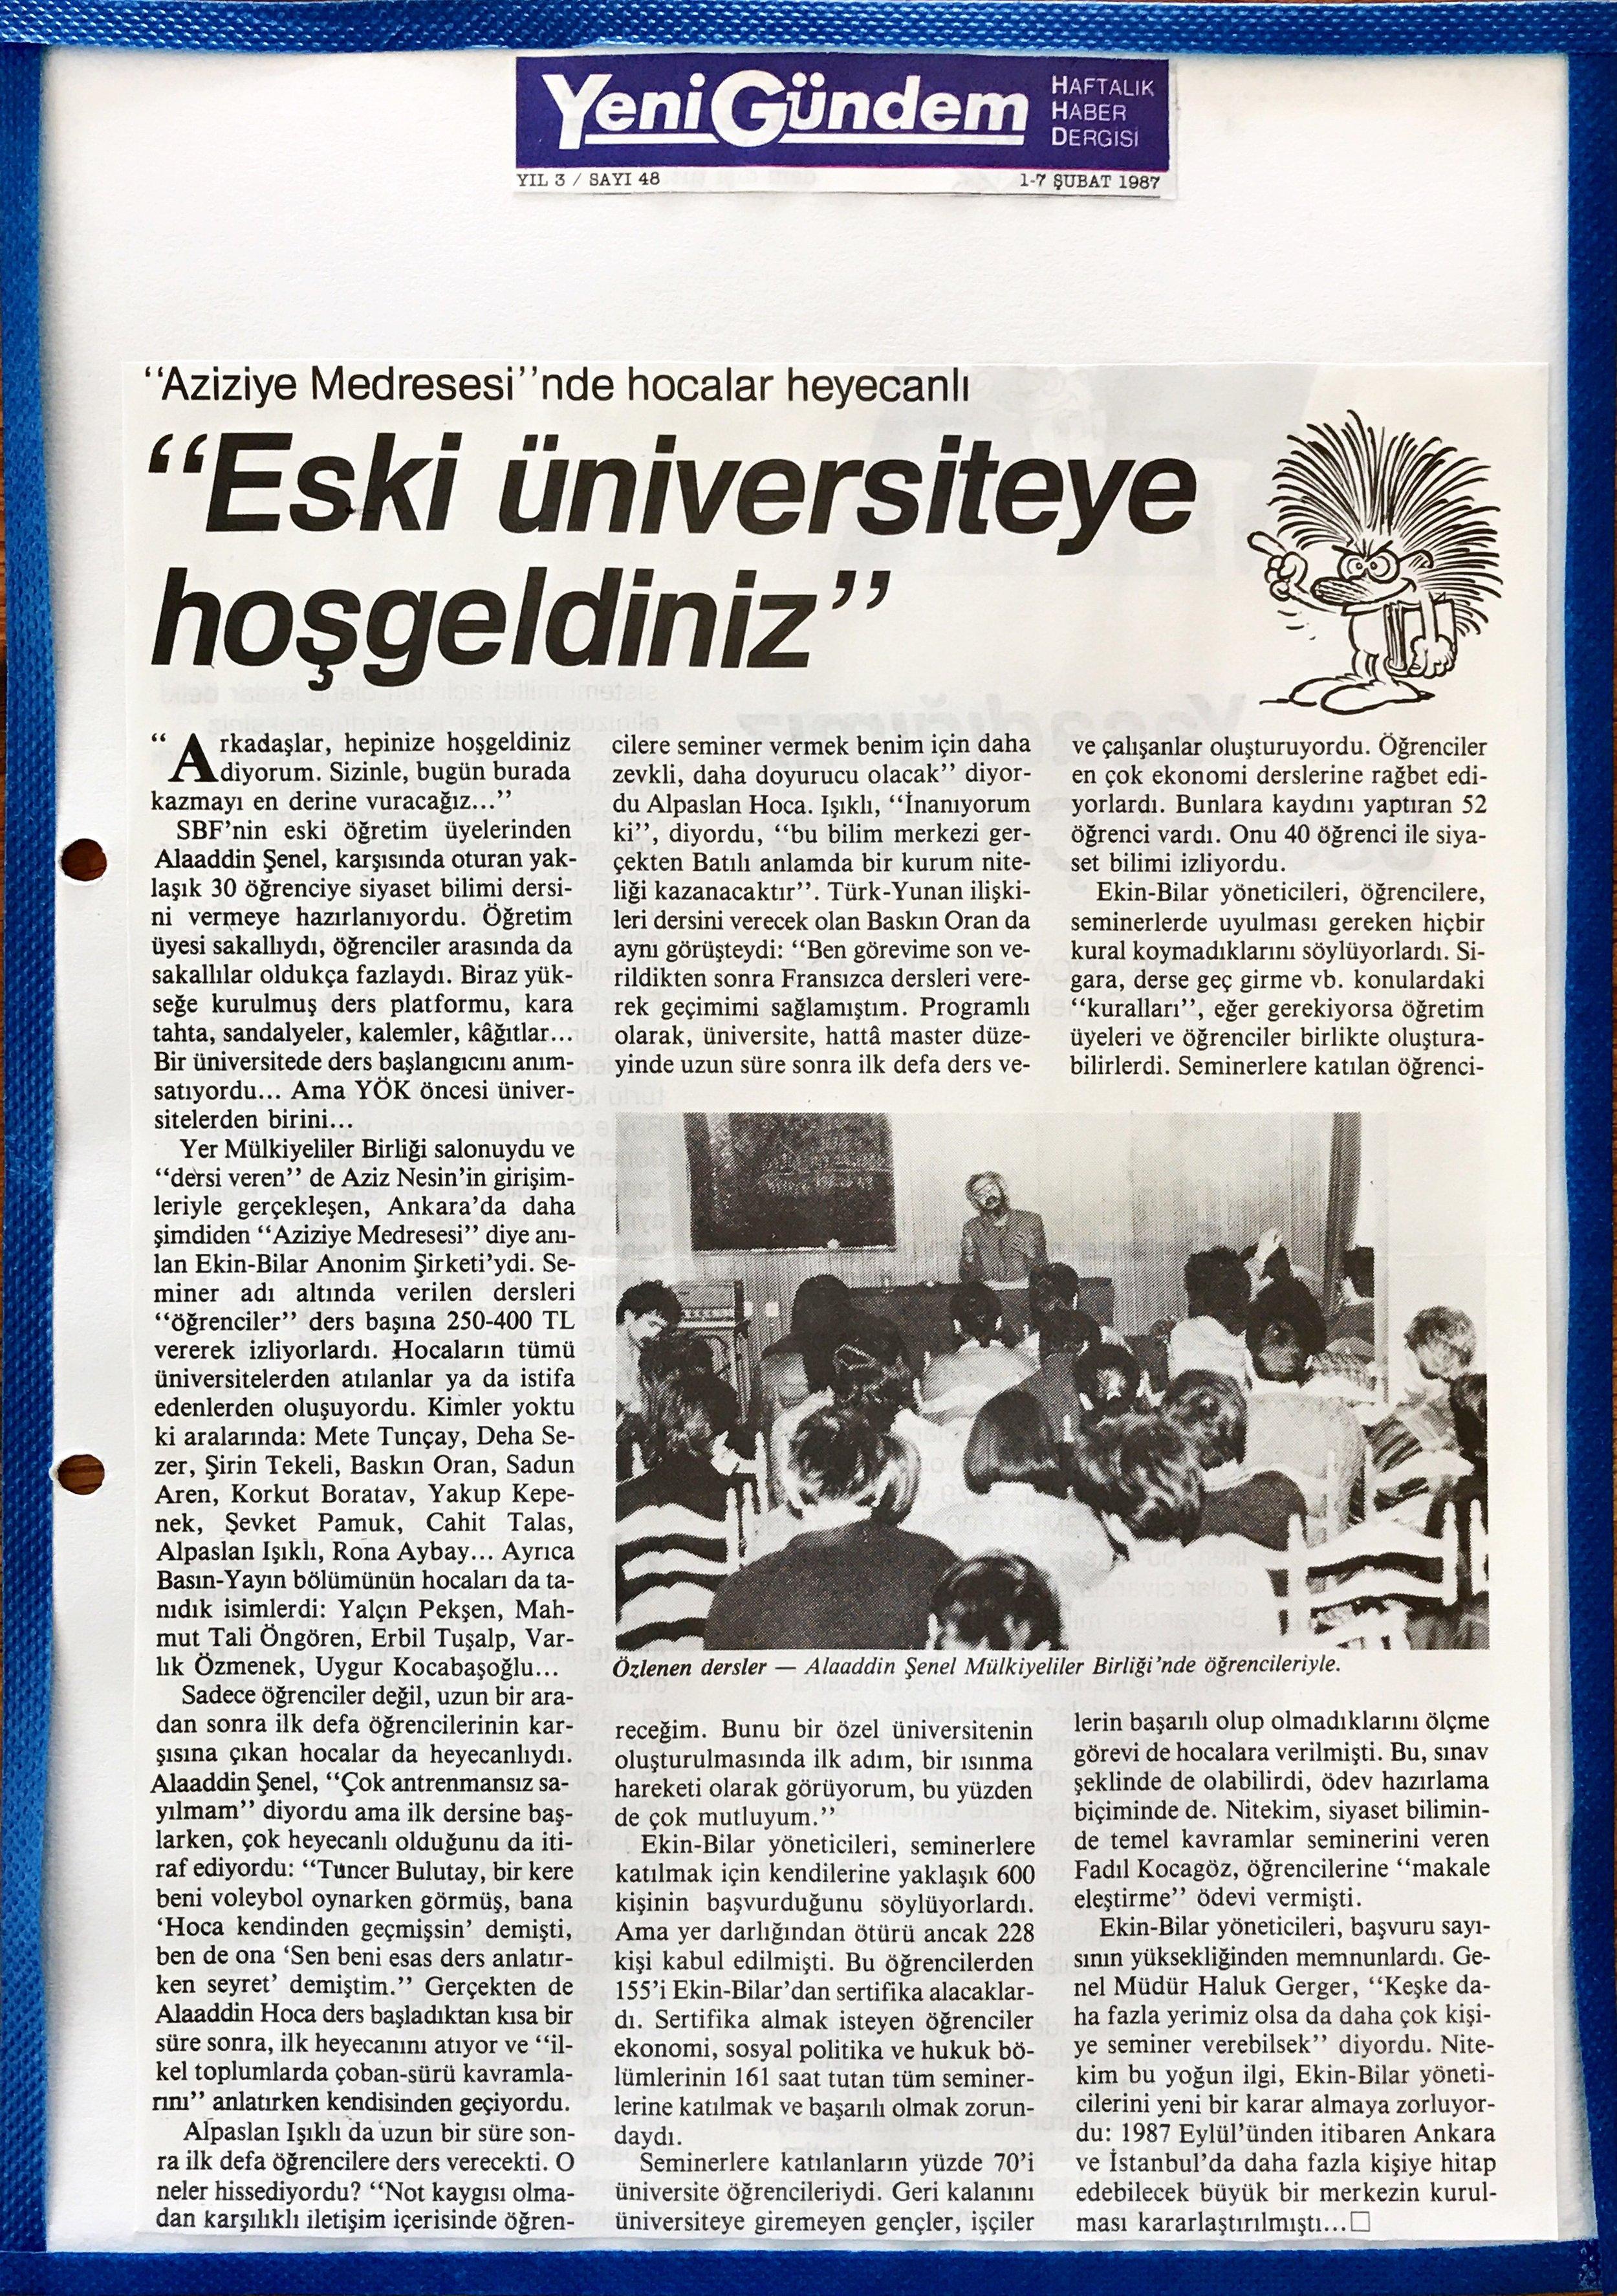 1987_yeni-gundem_ekin-bilar-dersler.JPG